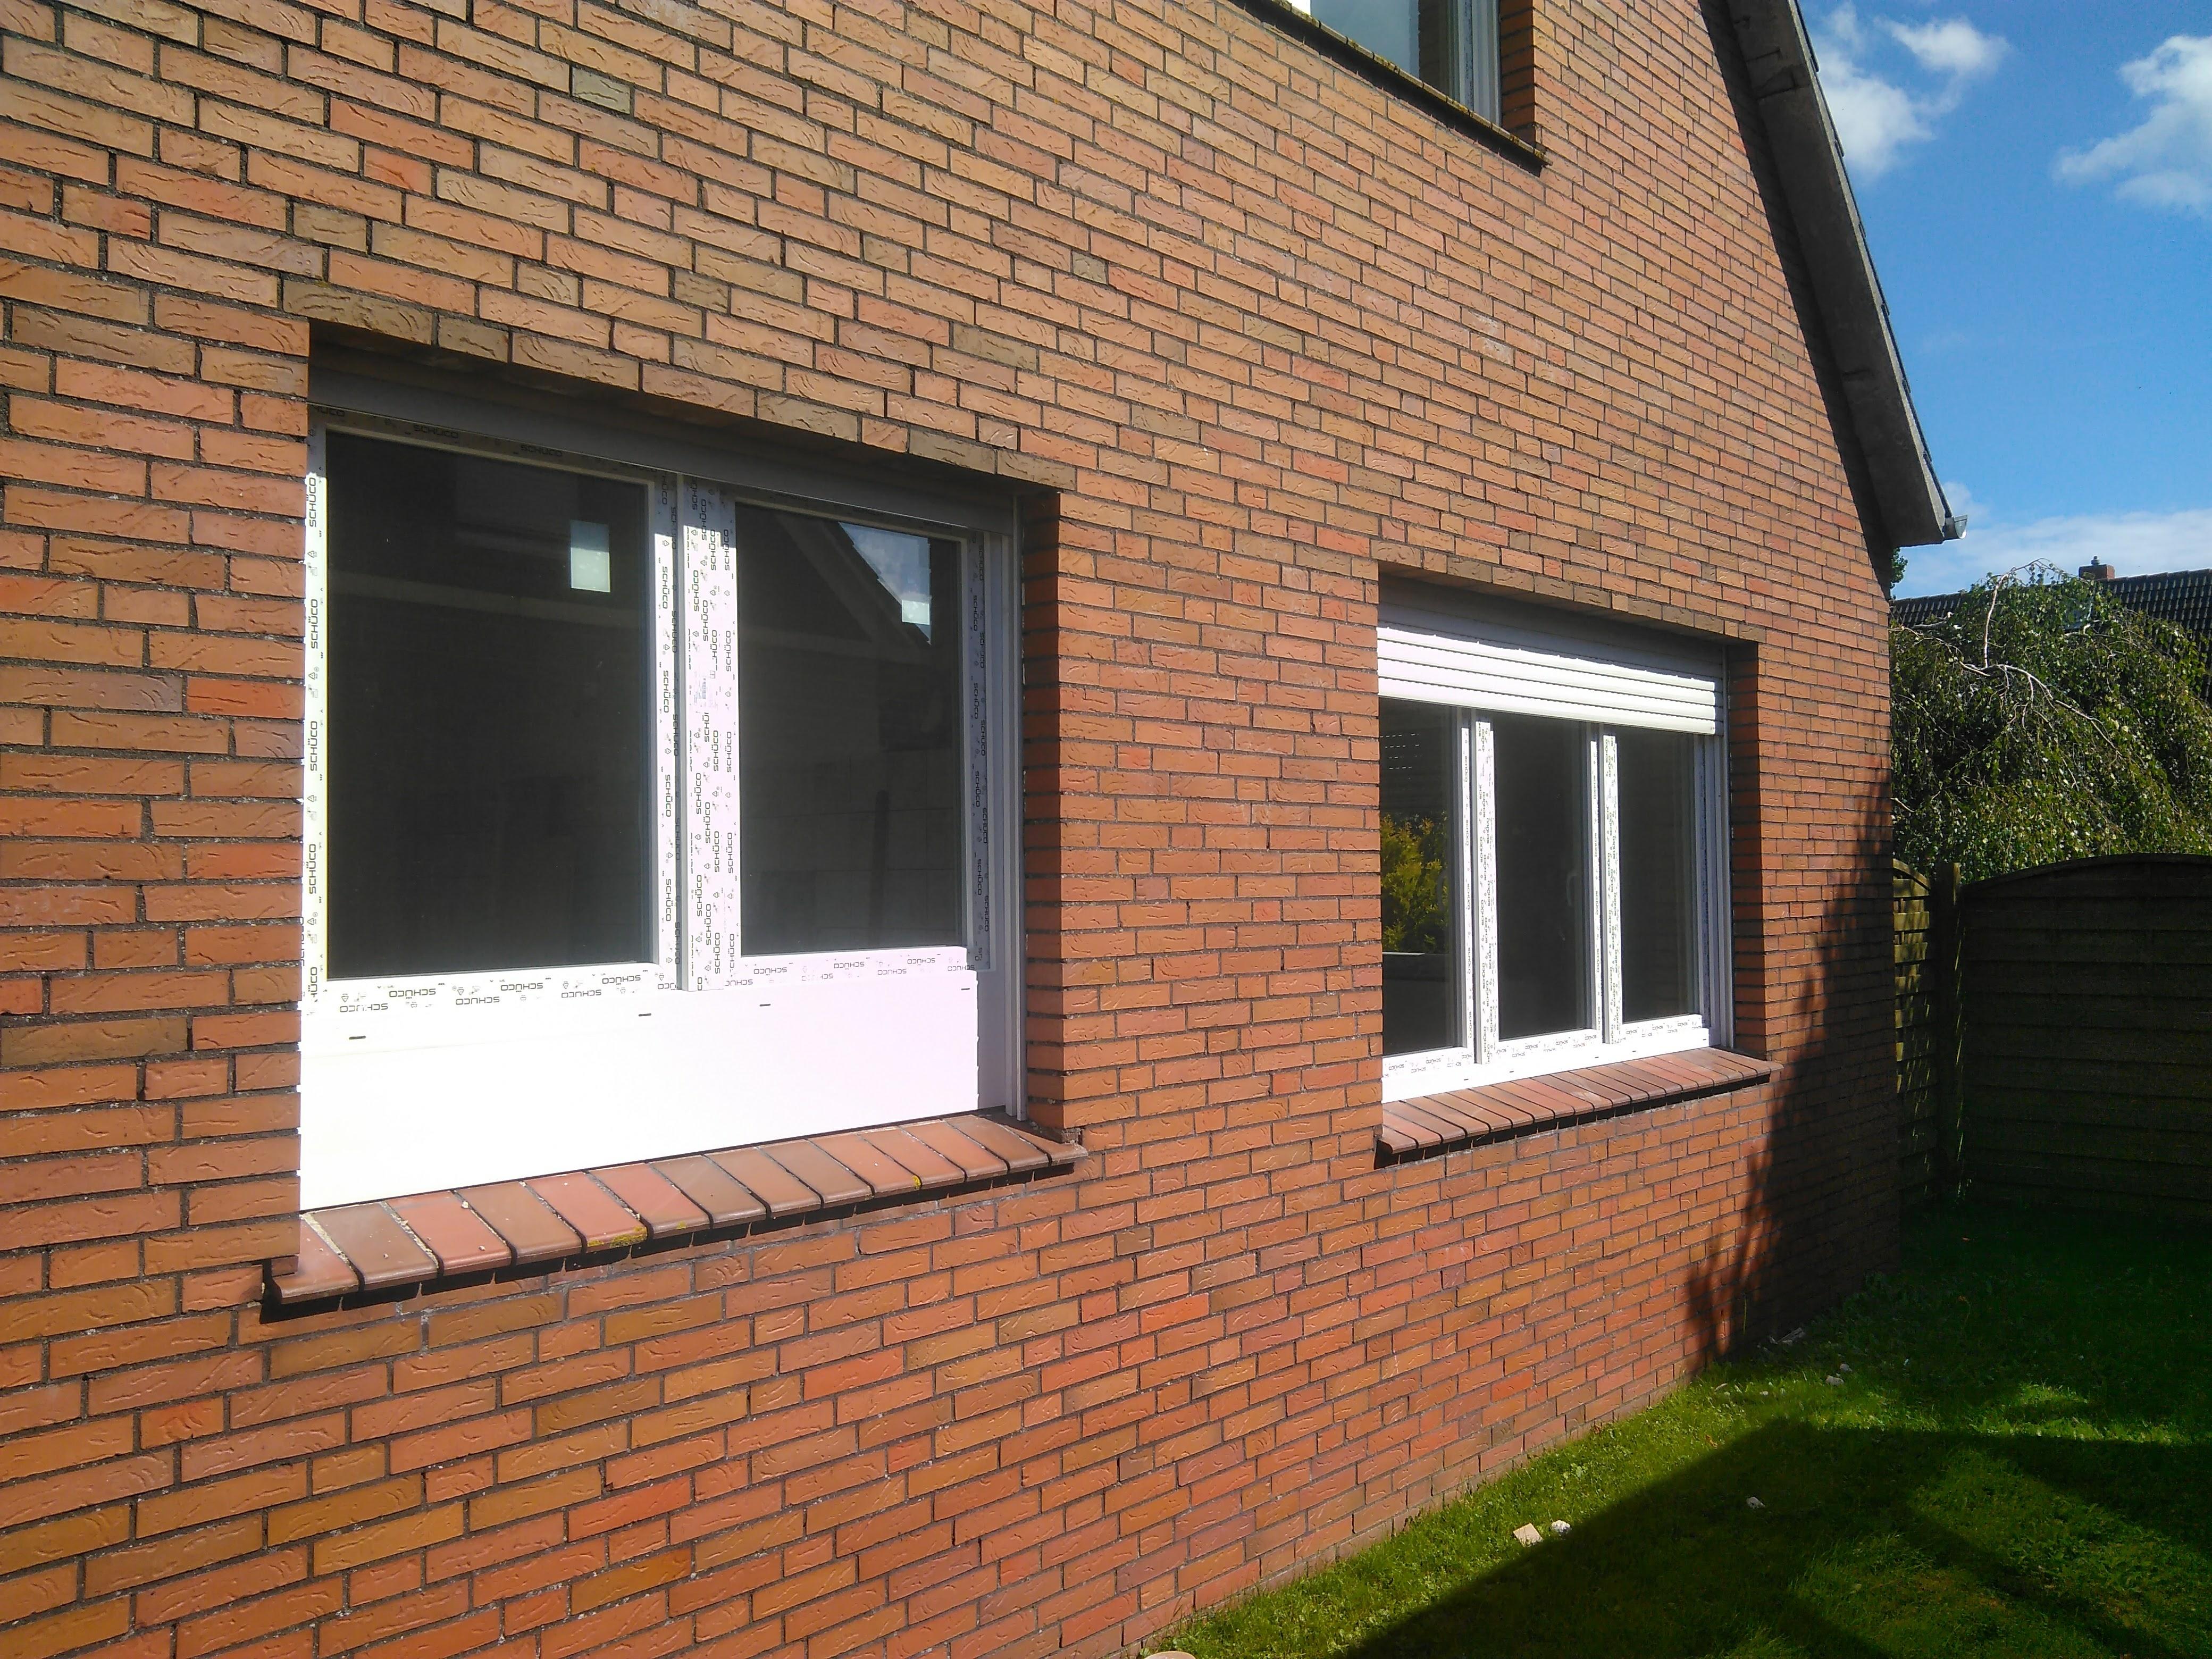 Küchenfenster mit mehrfacher Aufdopplung